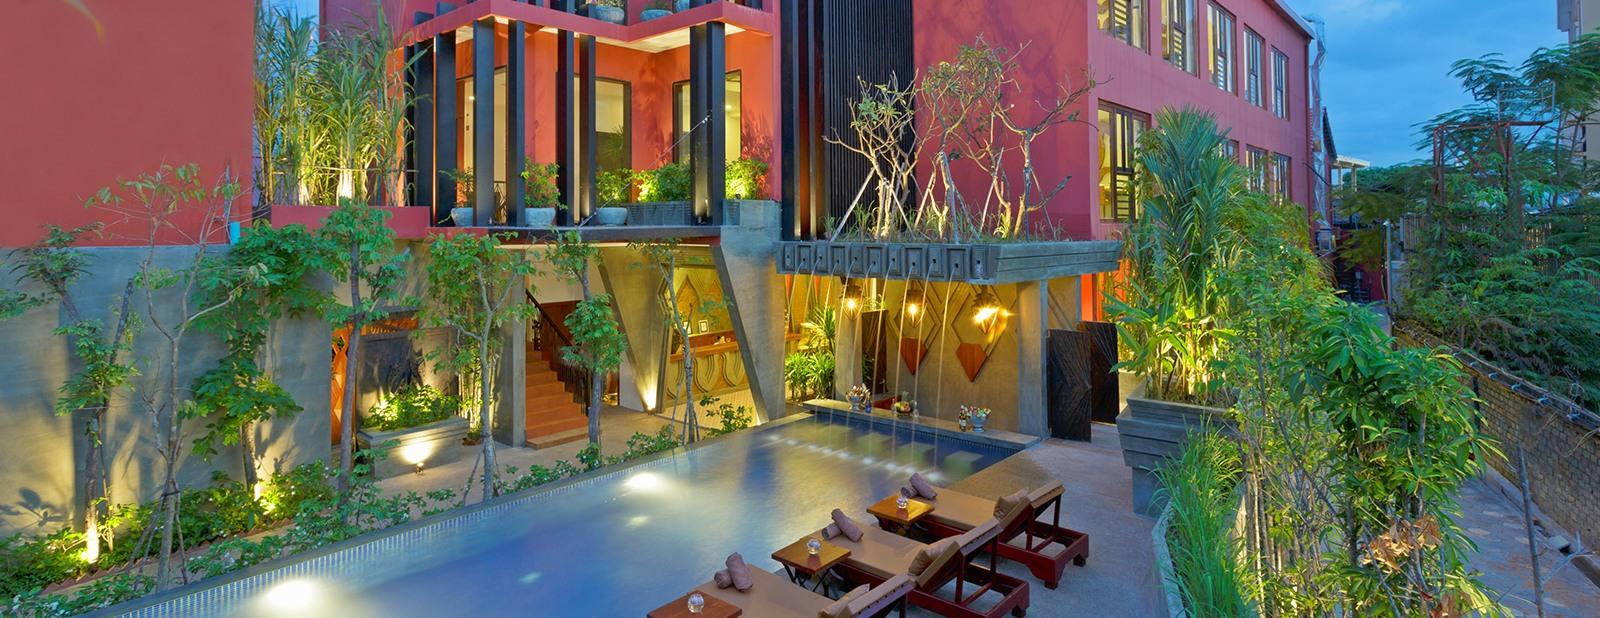 Golden Temple Villa – A Siem Reap Hotel